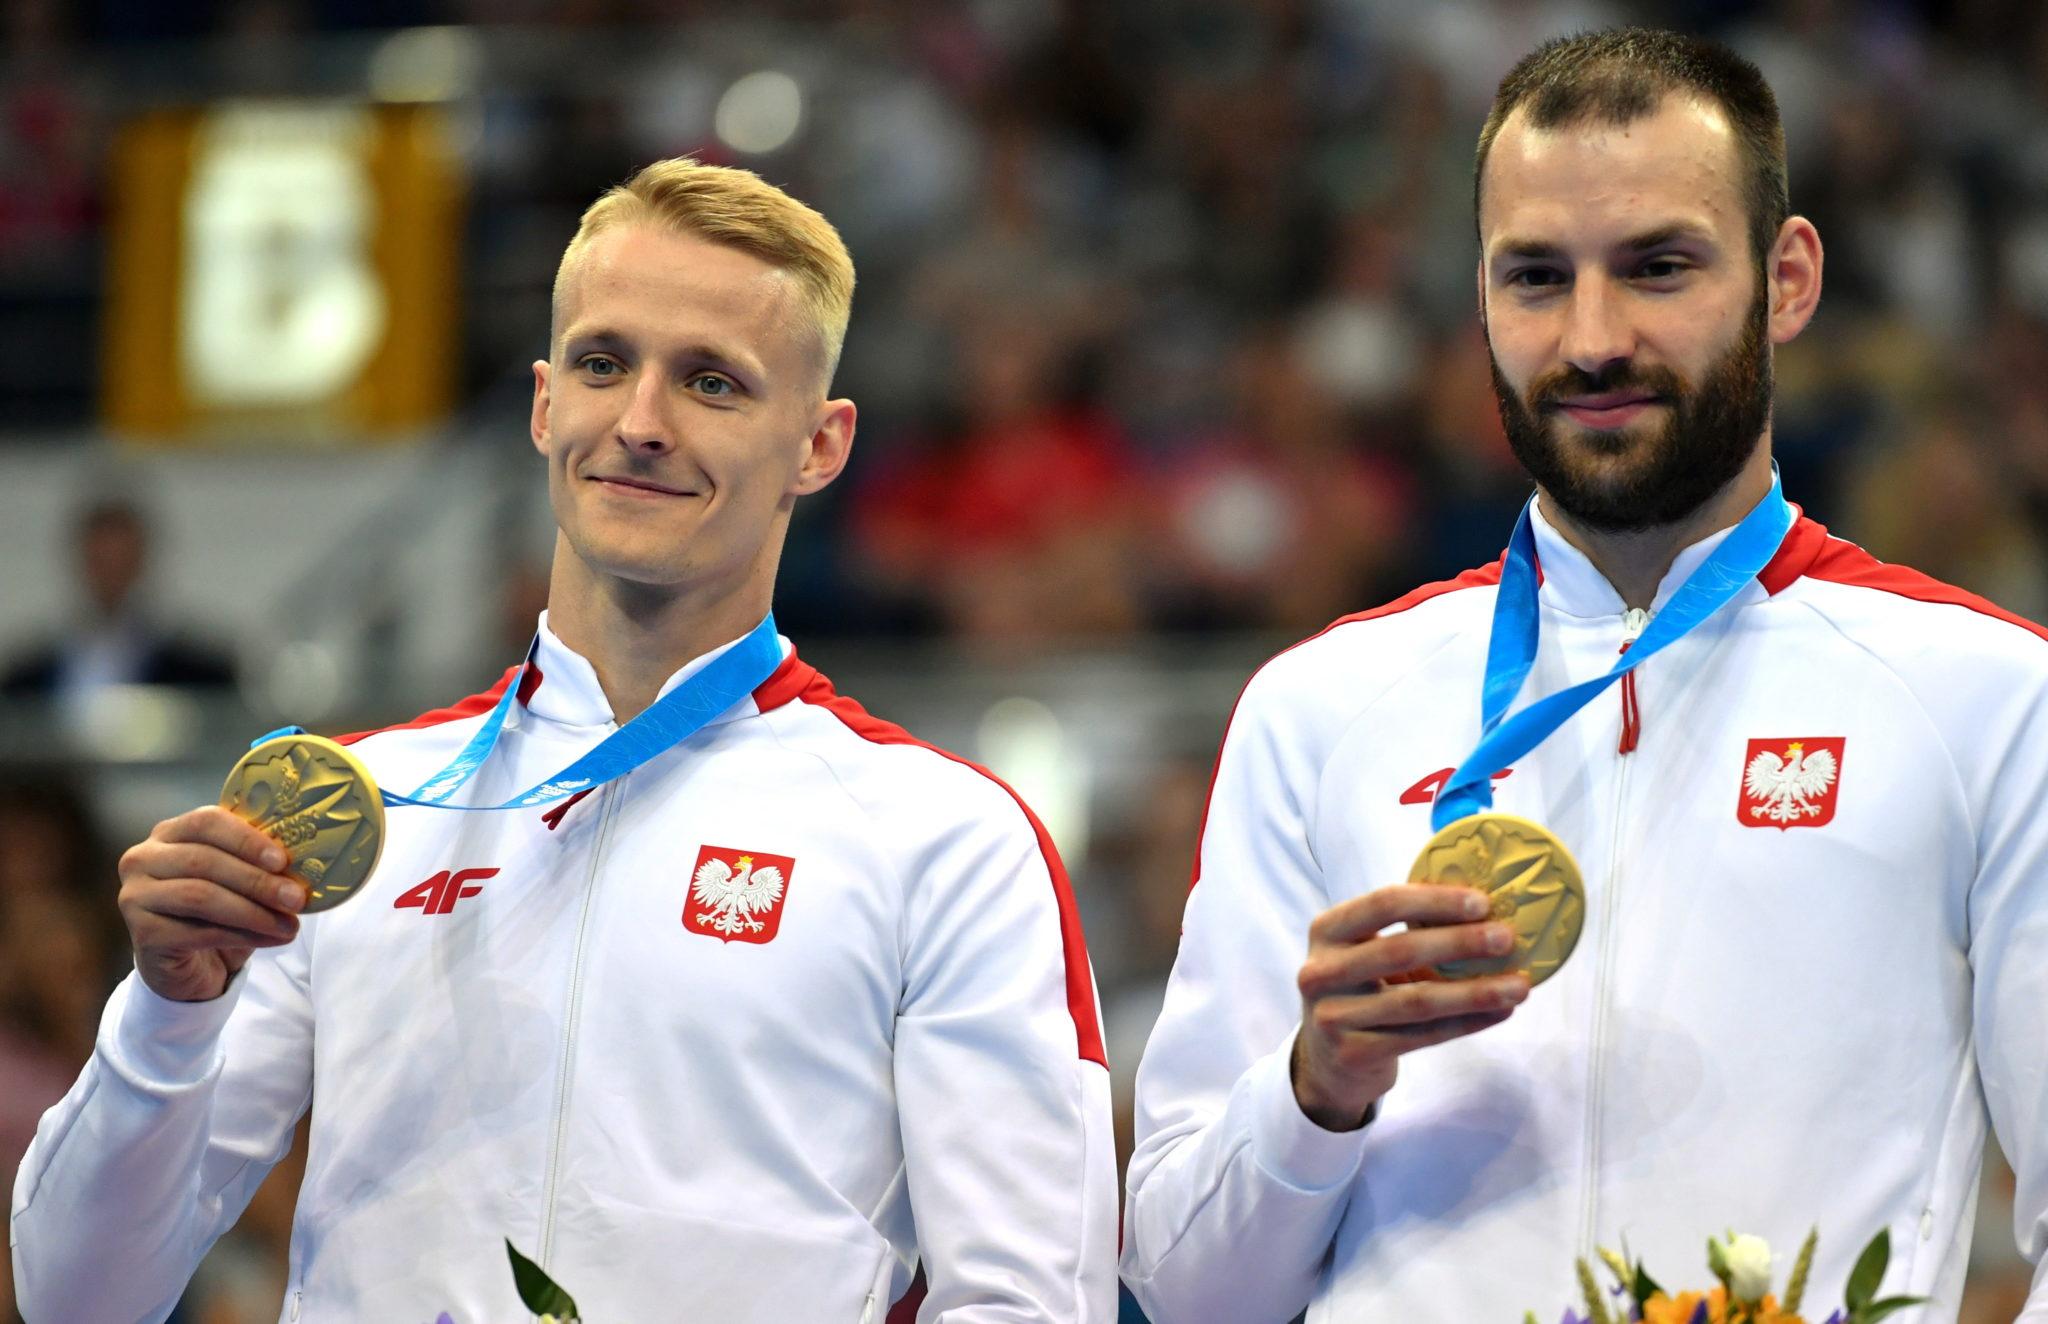 Polacy Łukasz Jaworski i Artur Zakrzewski zdobyli zloty medal w skokach synchronicznych na trampolinie podczas II Igrzysk Europejskich w Mińsk Arenie w Mińsku. To pierwszy medal wywalczony przez biało-czerwonych na tej imprezie, fot. Piotr Nowak, PAP